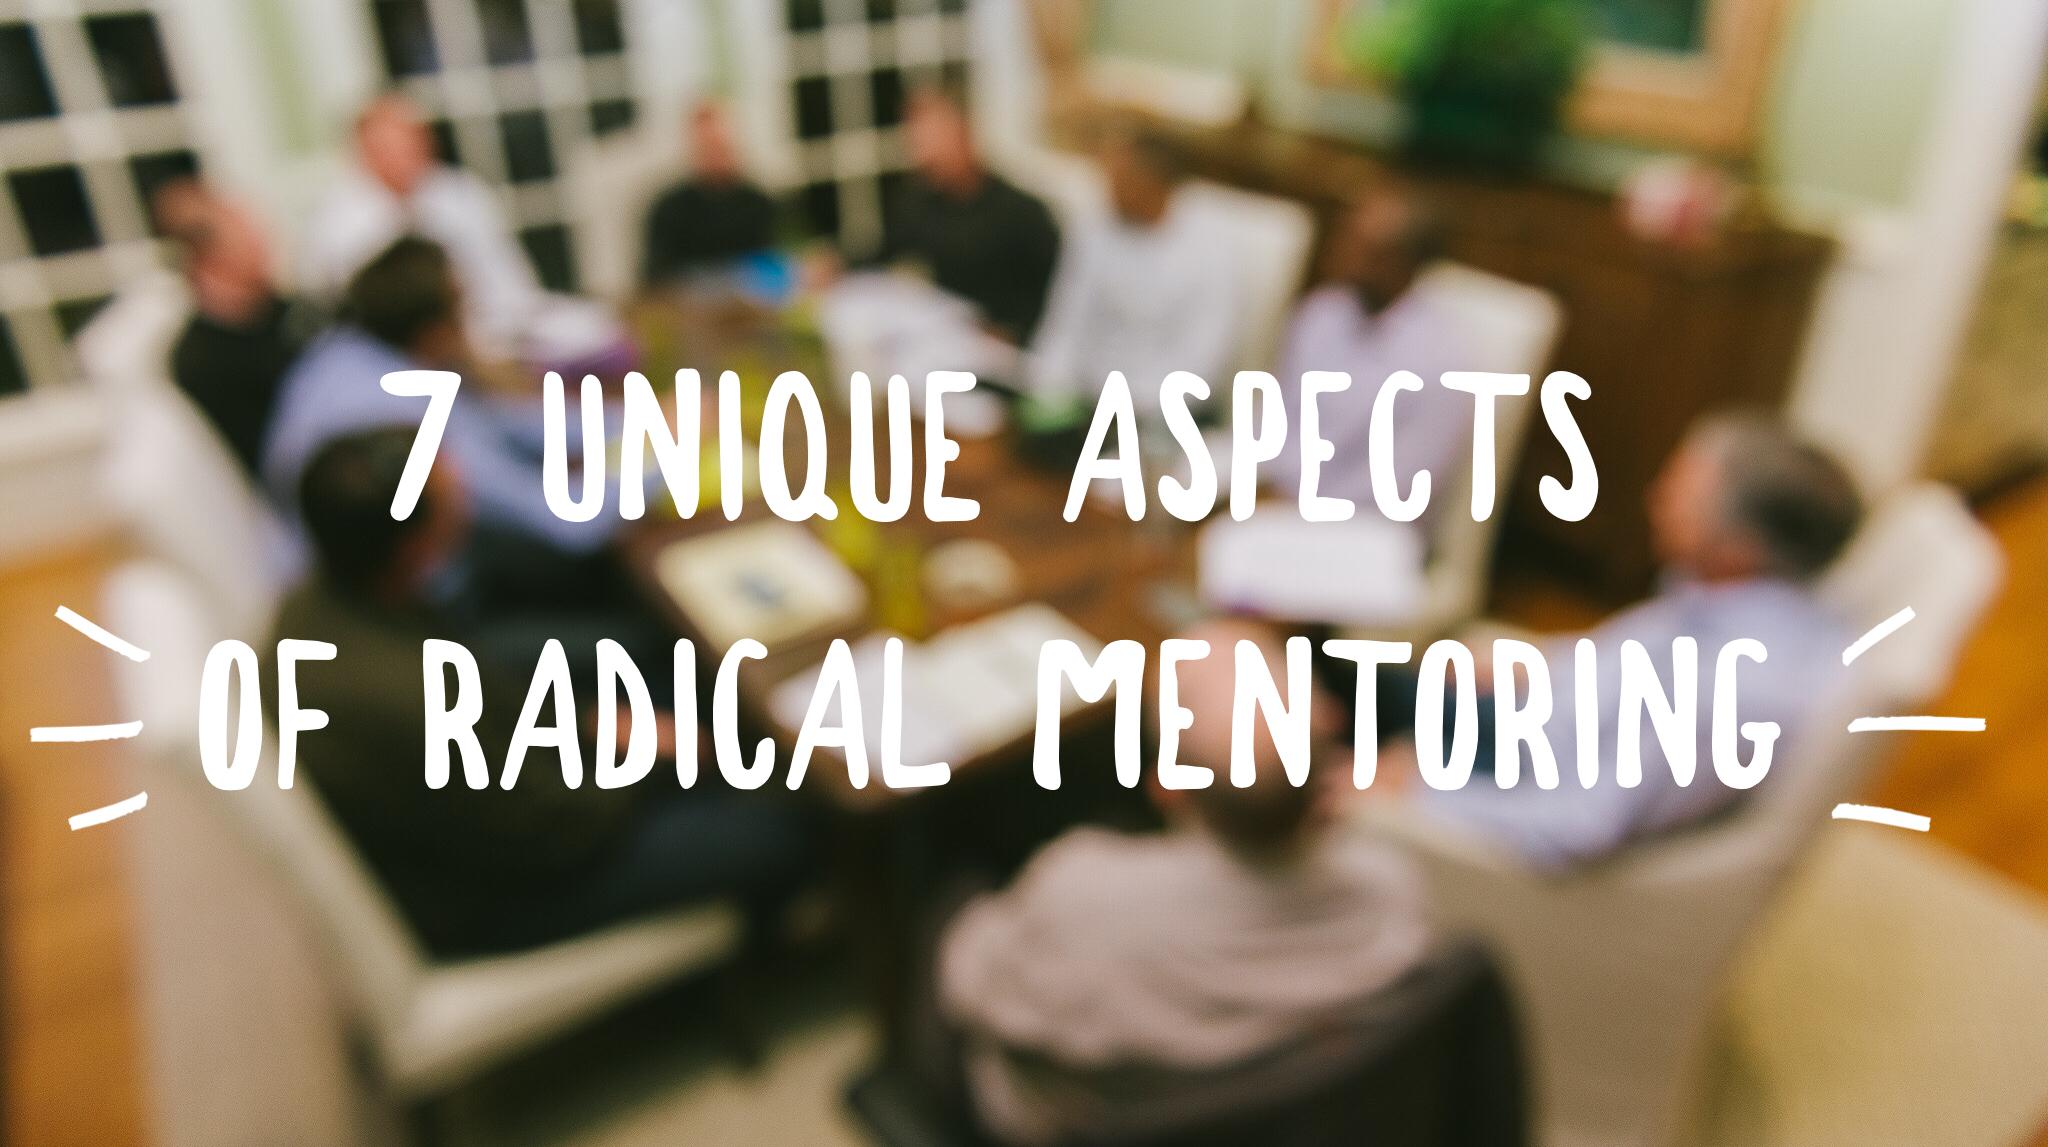 Radical Mentoring